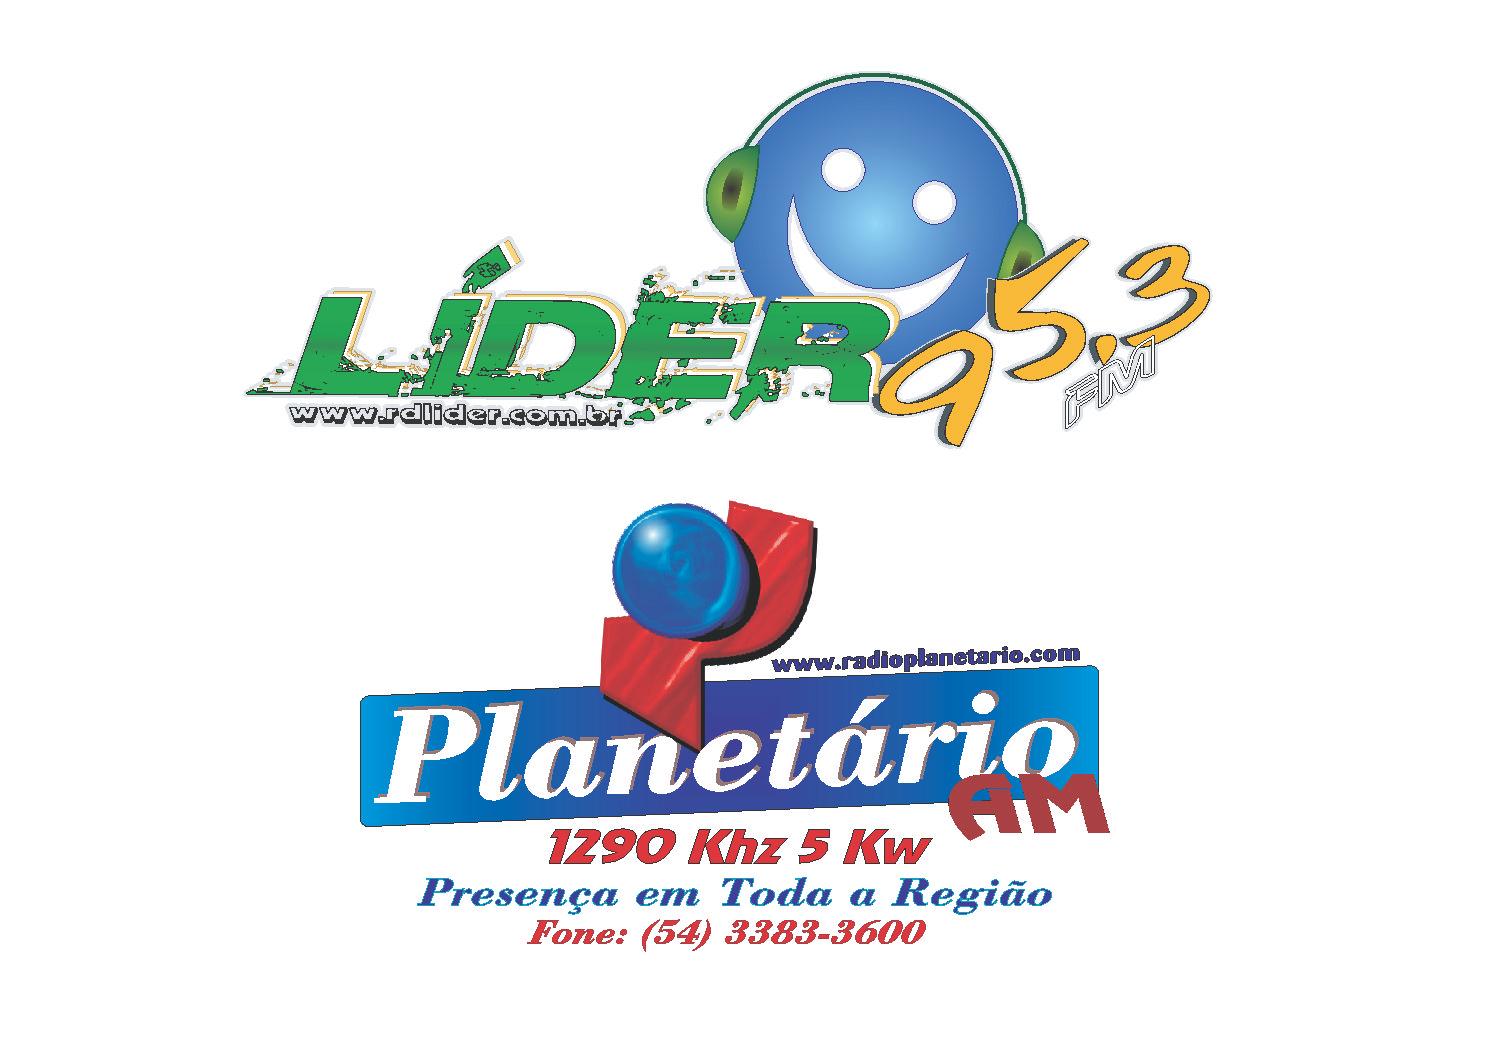 MOLETOM PARA COLABORADORES DA RÁDIO LÍDER 95.3/FM E RÁDIO PLANETÁRIO 1290/AM.